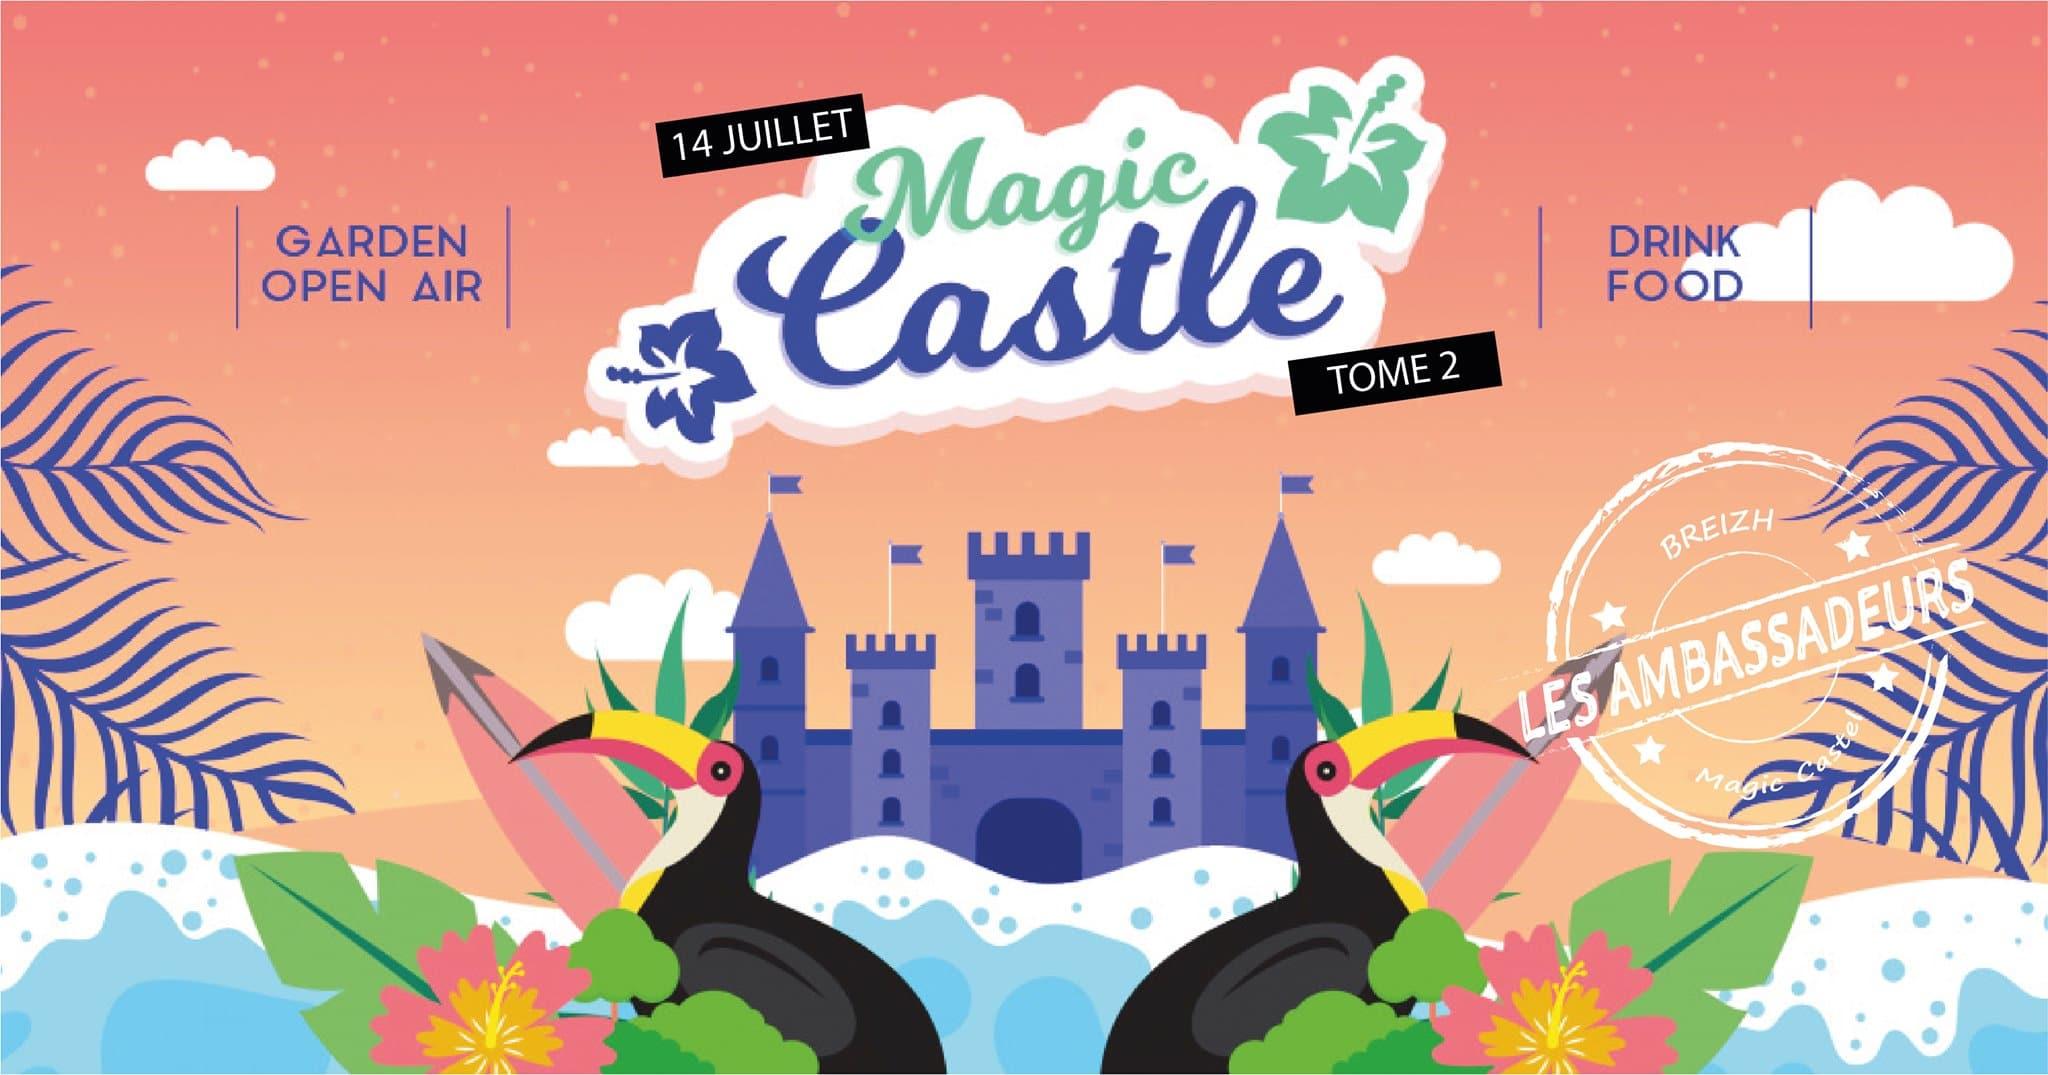 Affiche open air au Chateau de la Motte Beaumanoir le 14 juillet 2021